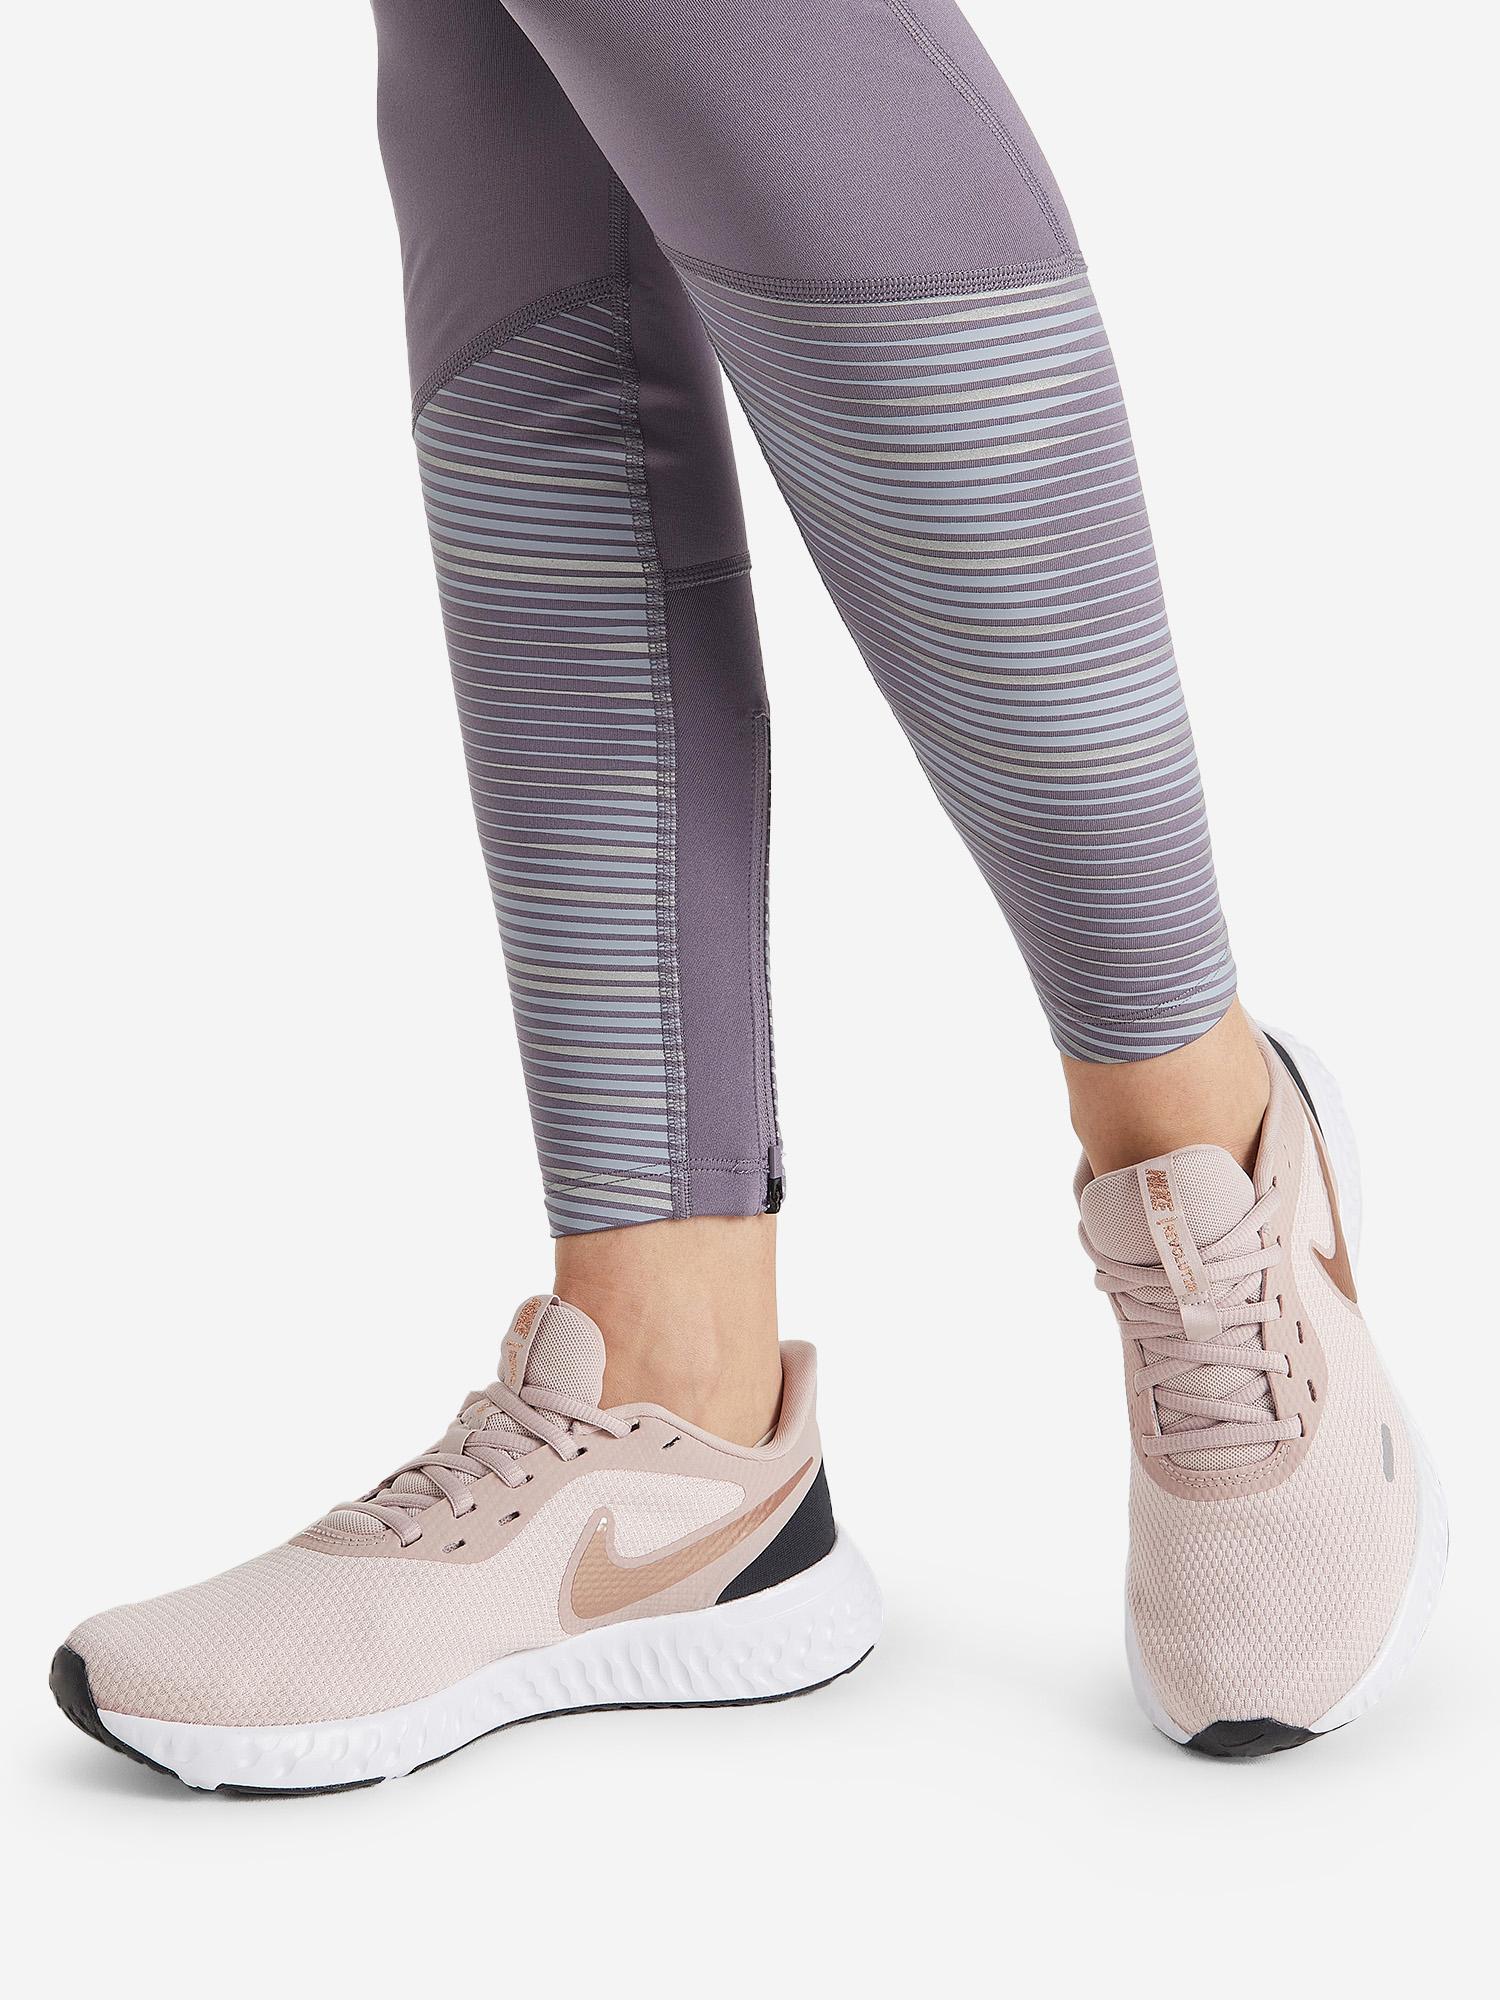 Кроссовки женские Nike Revolution 5